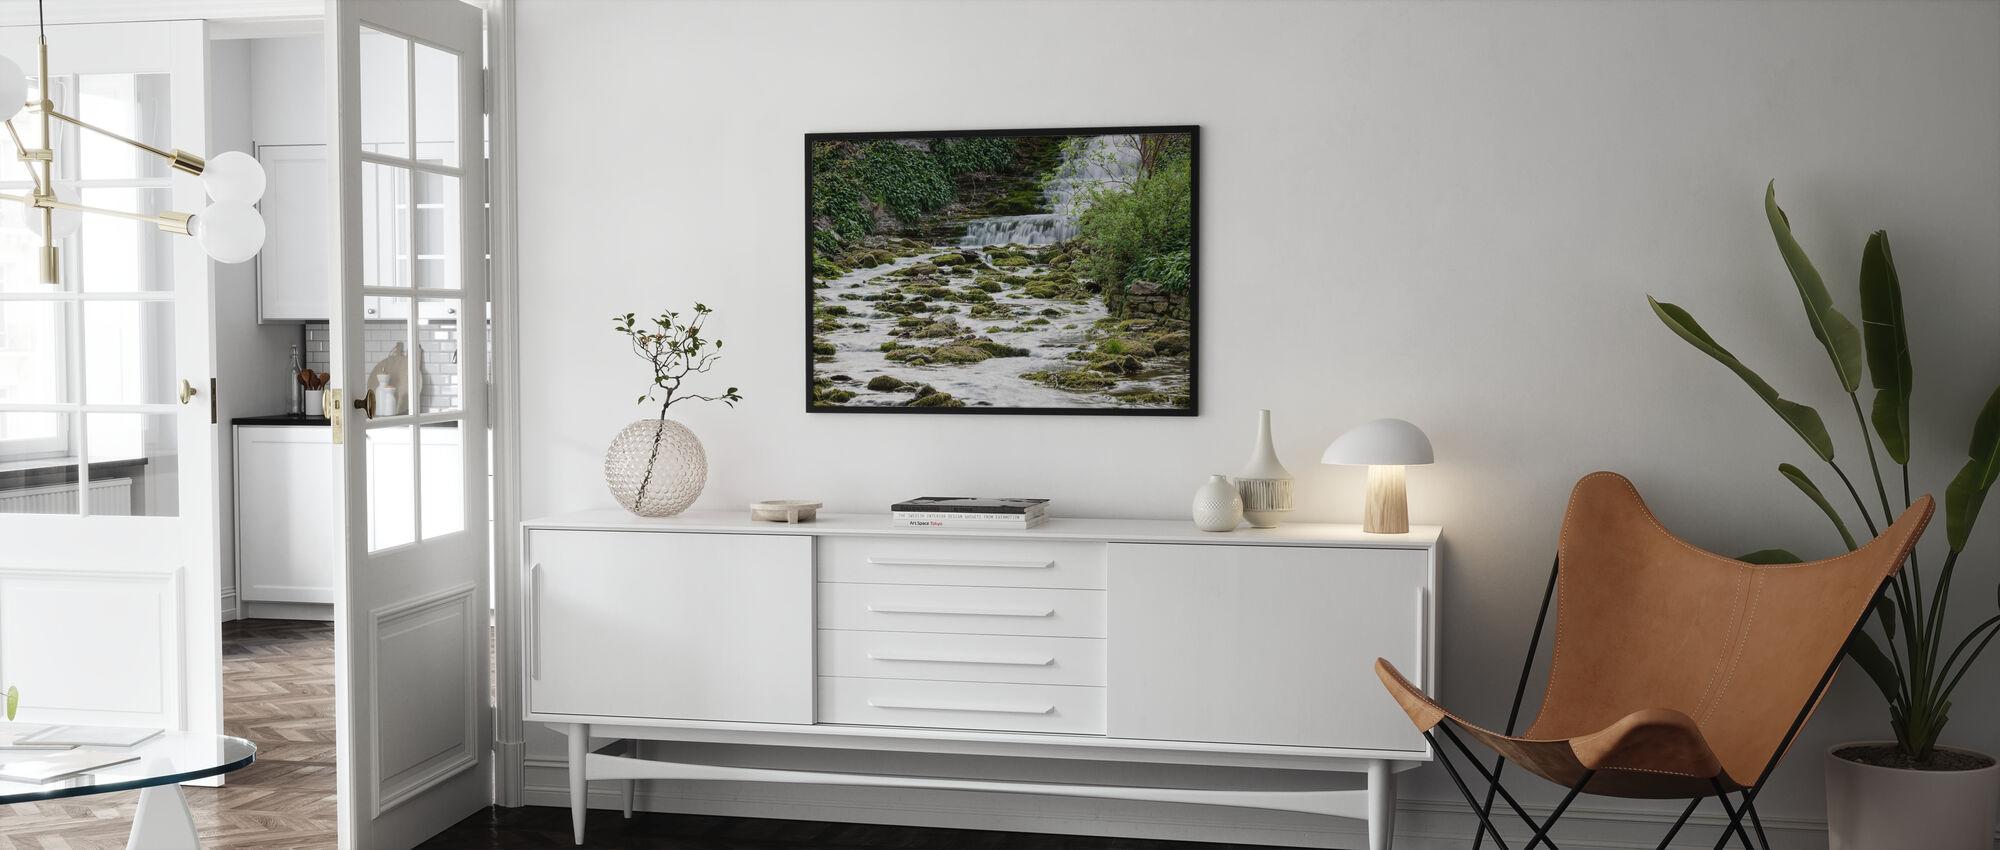 Troll River - Poster - Living Room